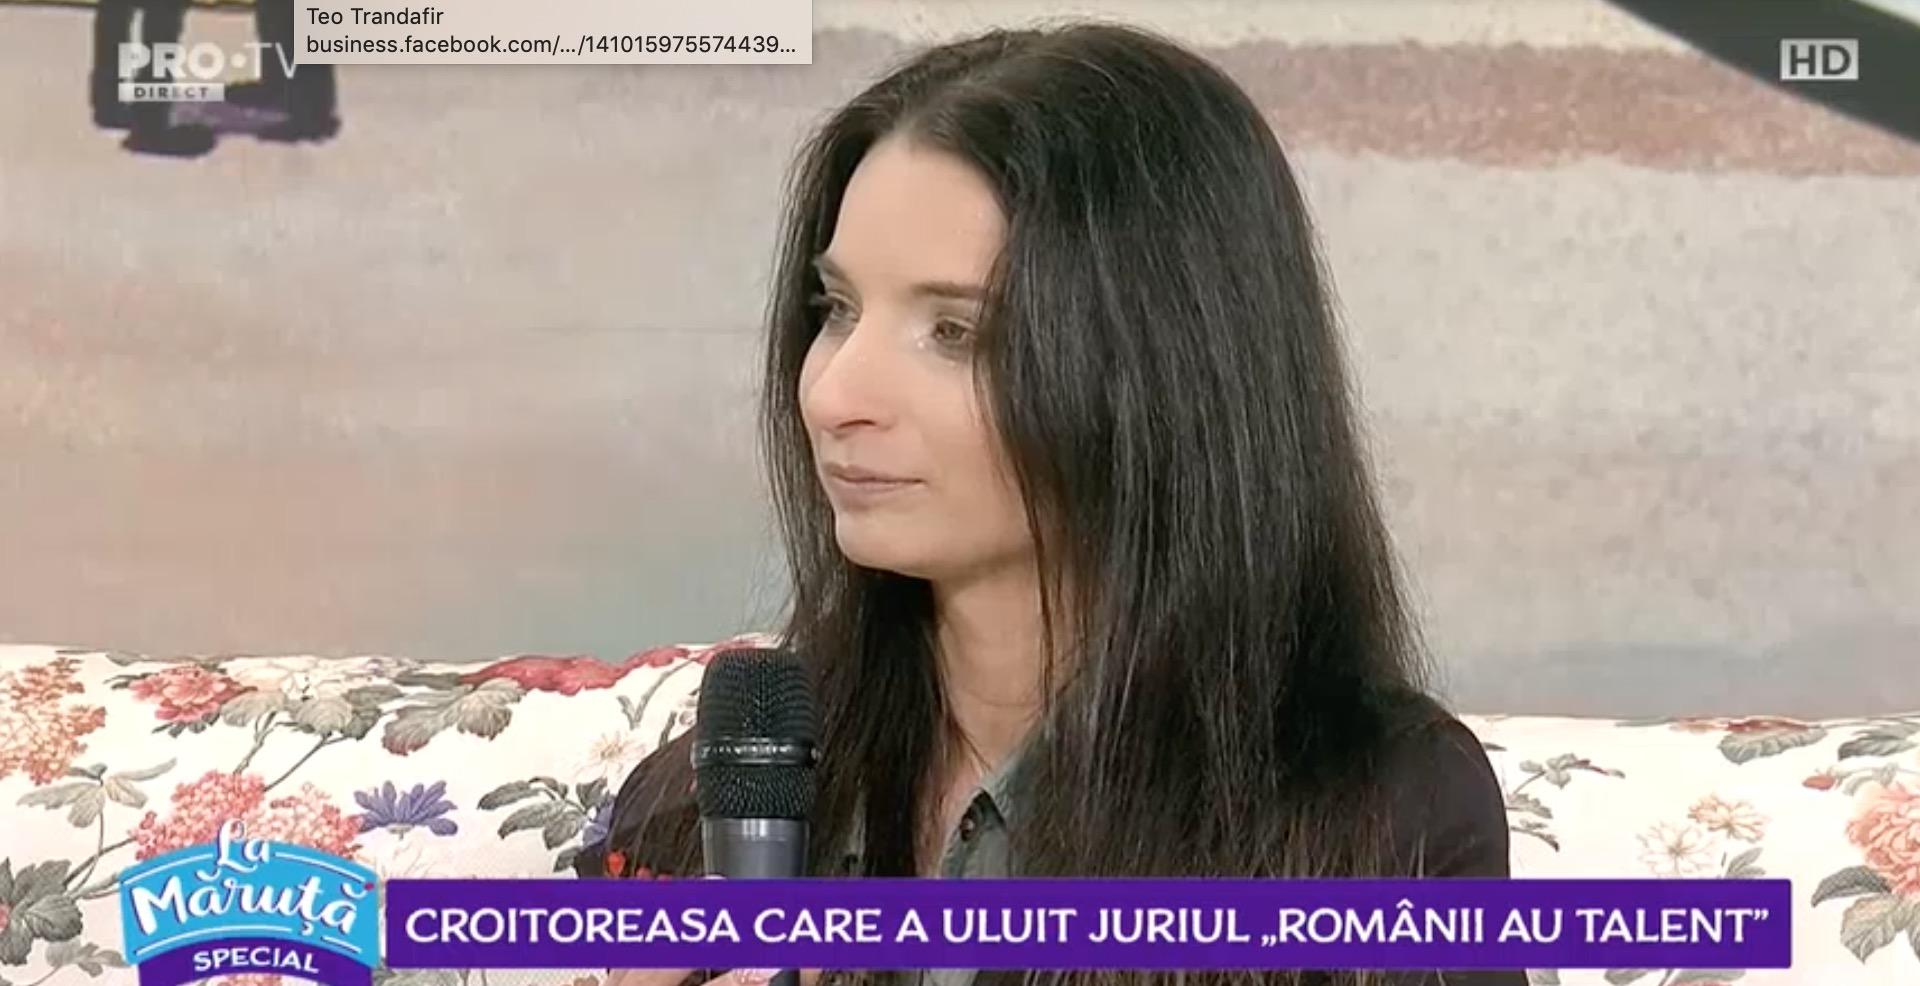 Ana Maria Pantaze, croitoreasa de la Românii au talent, a fost La Măruță